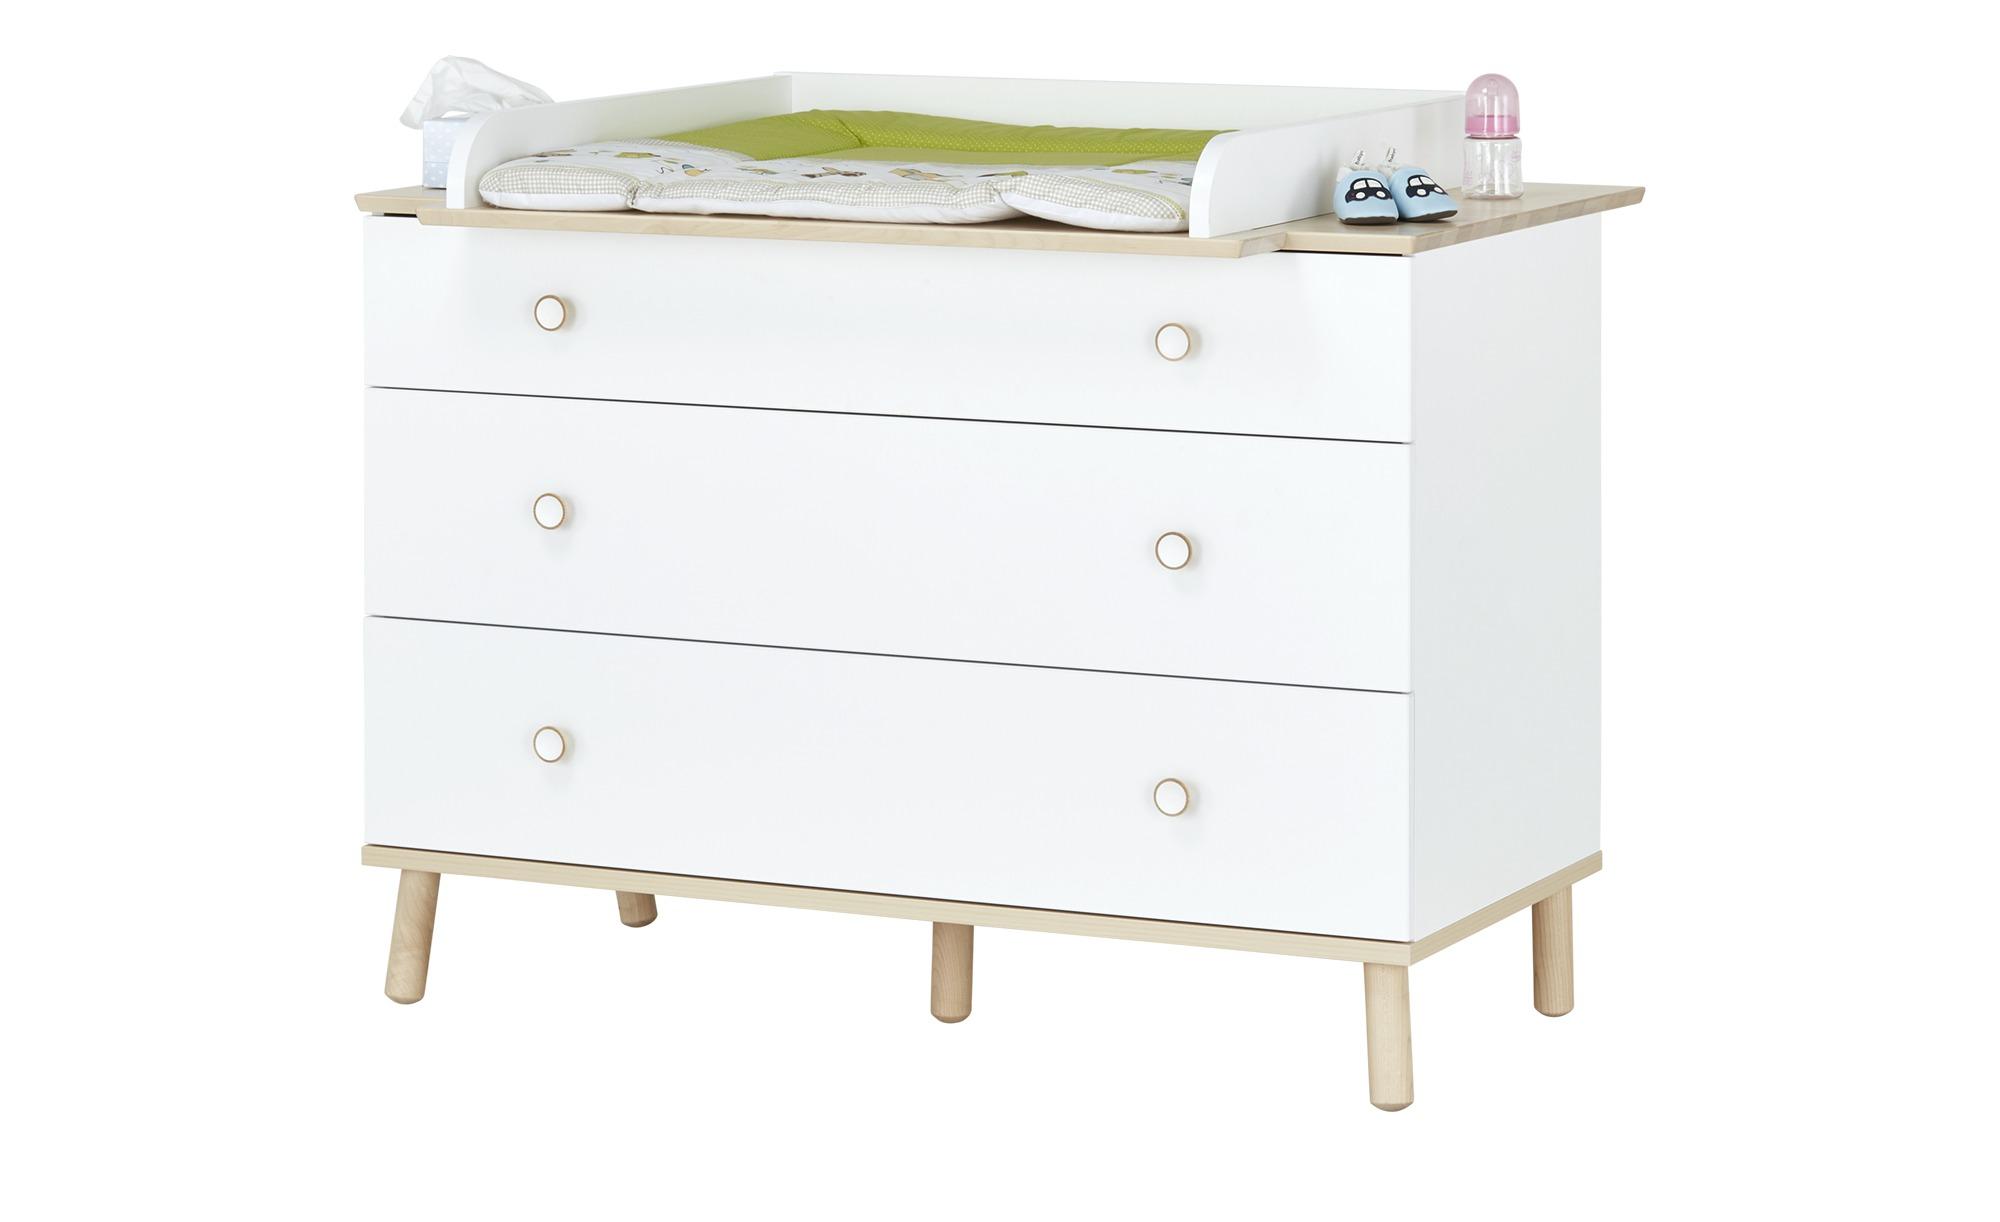 PAIDI Kommode  Ylvie - weiß - 125,1 cm - 90,9 cm - 56,3 cm - Baby > Babymöbel > Wickelkommoden - Möbel Kraft | Kinderzimmer > Babymöbel > Wickelkommoden | PAIDI